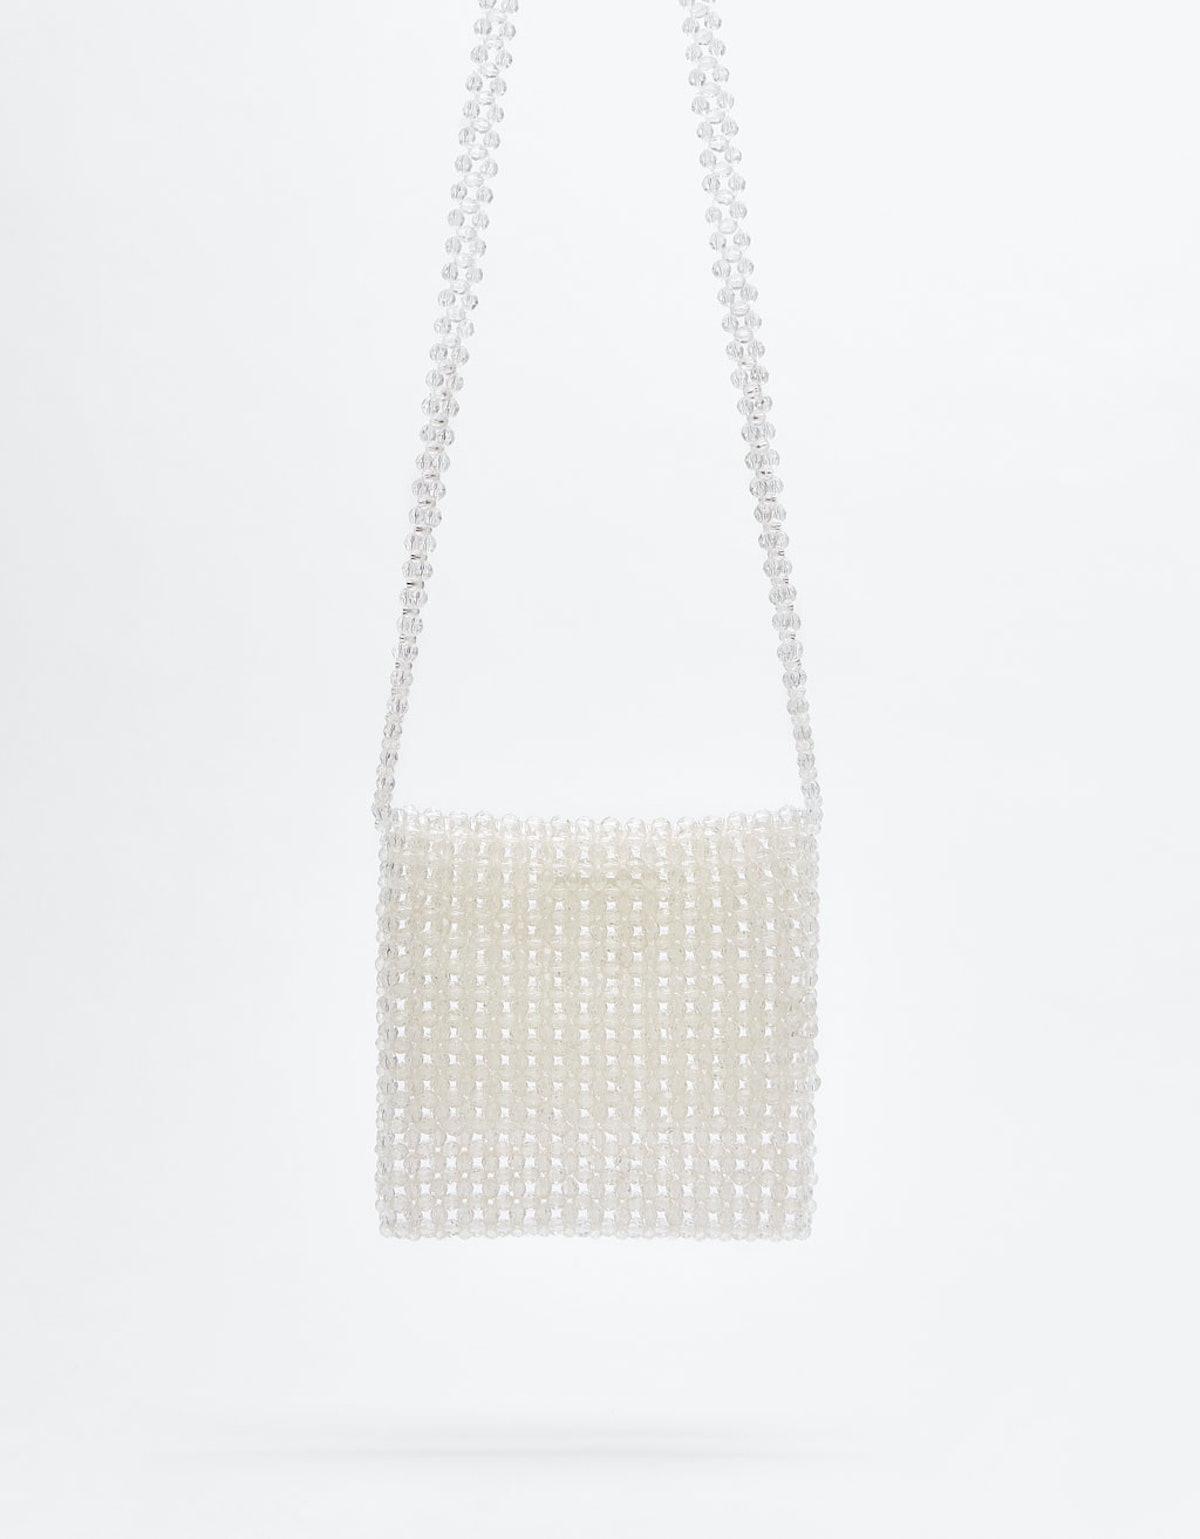 Transparent embellished bag